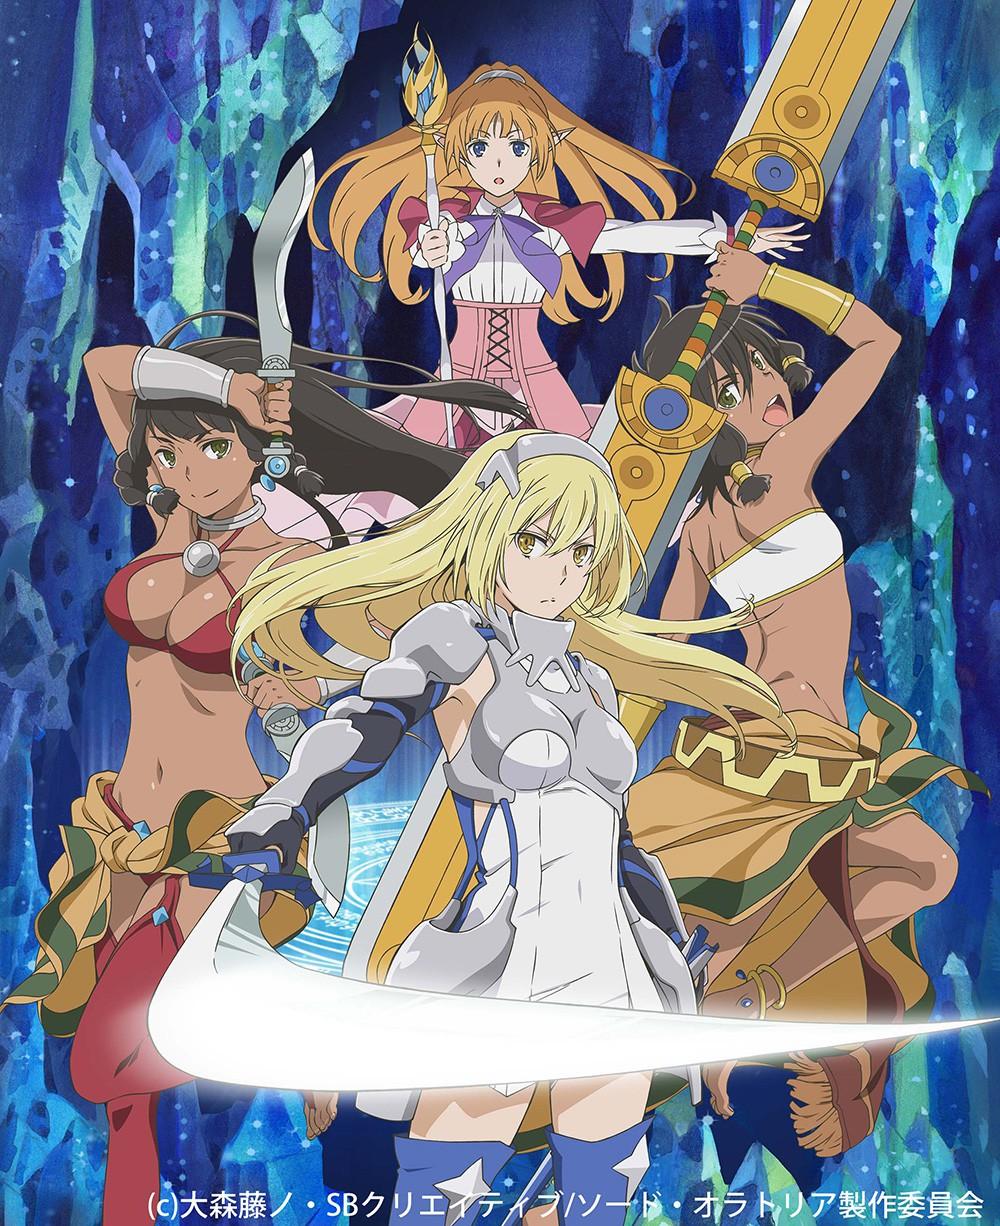 Dungeon-ni-Deai-o-Motomeru-no-wa-Machigatteiru-no-Darou-ka-Gaiden-Sword-Oratoria-Anime-Visual-02